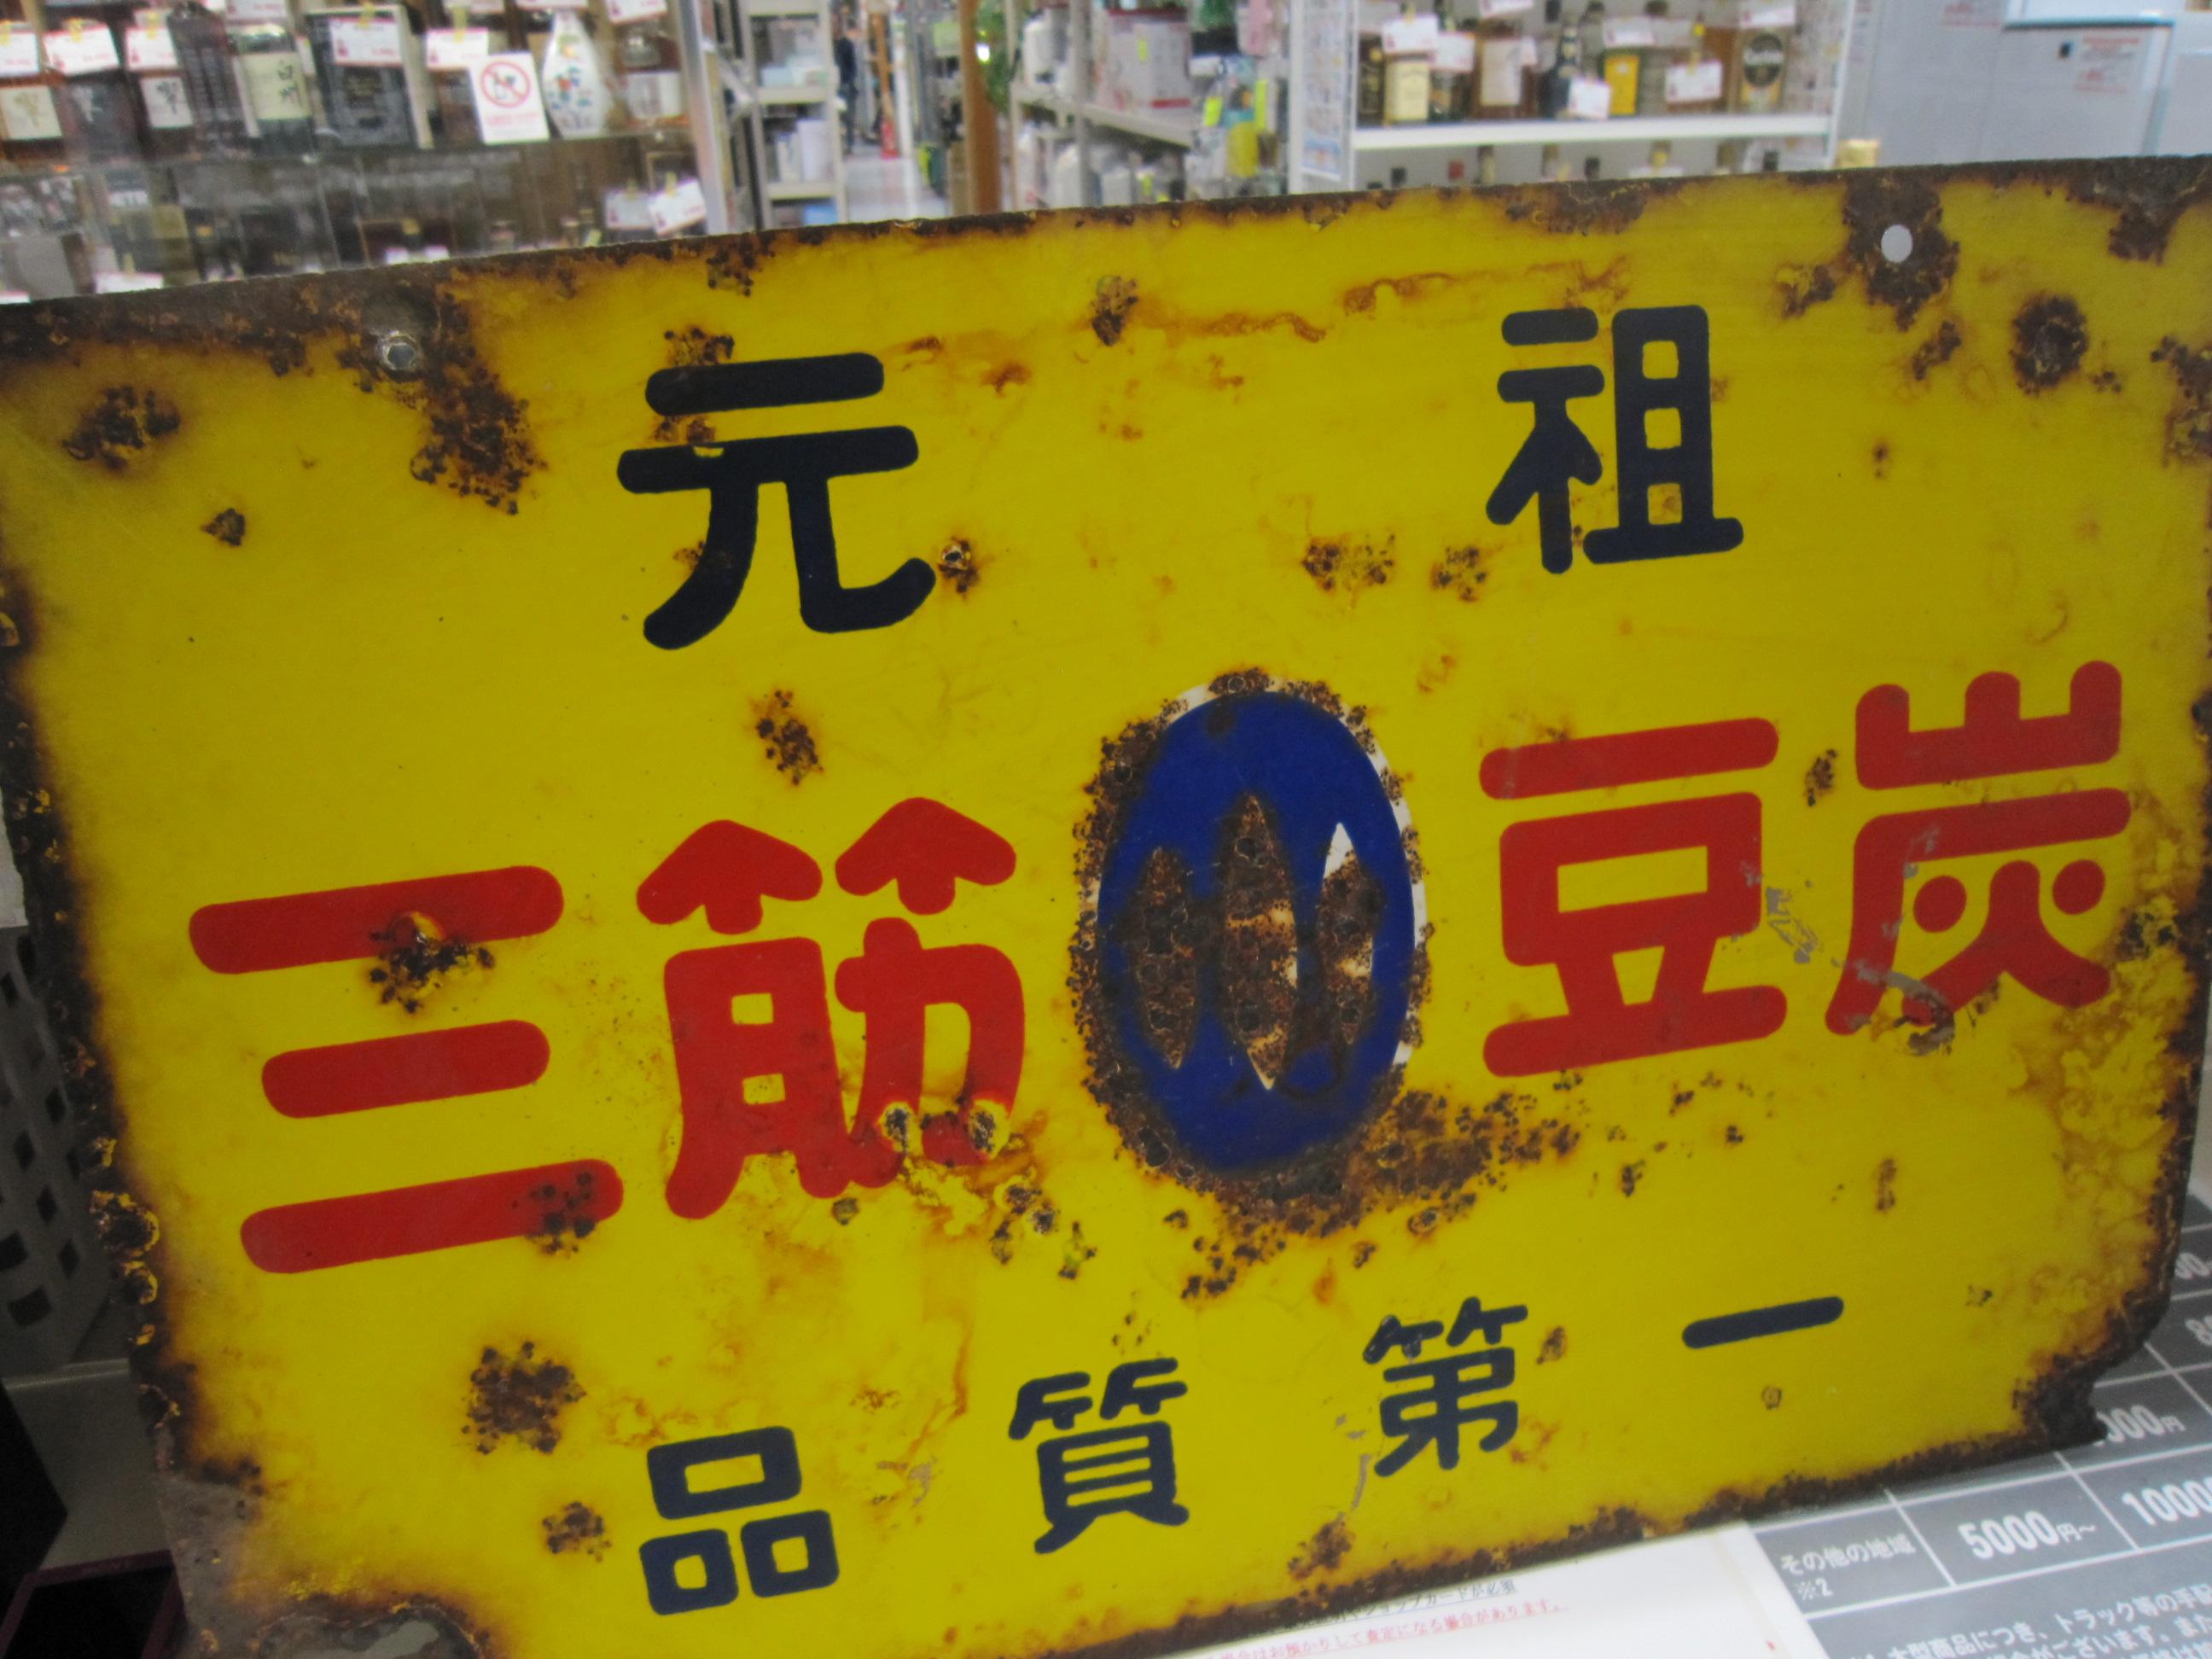 7d0263344c51 ジャム鳥取店|昔のホーロー看板お売りいただきました。昭和レトロの売却 ...